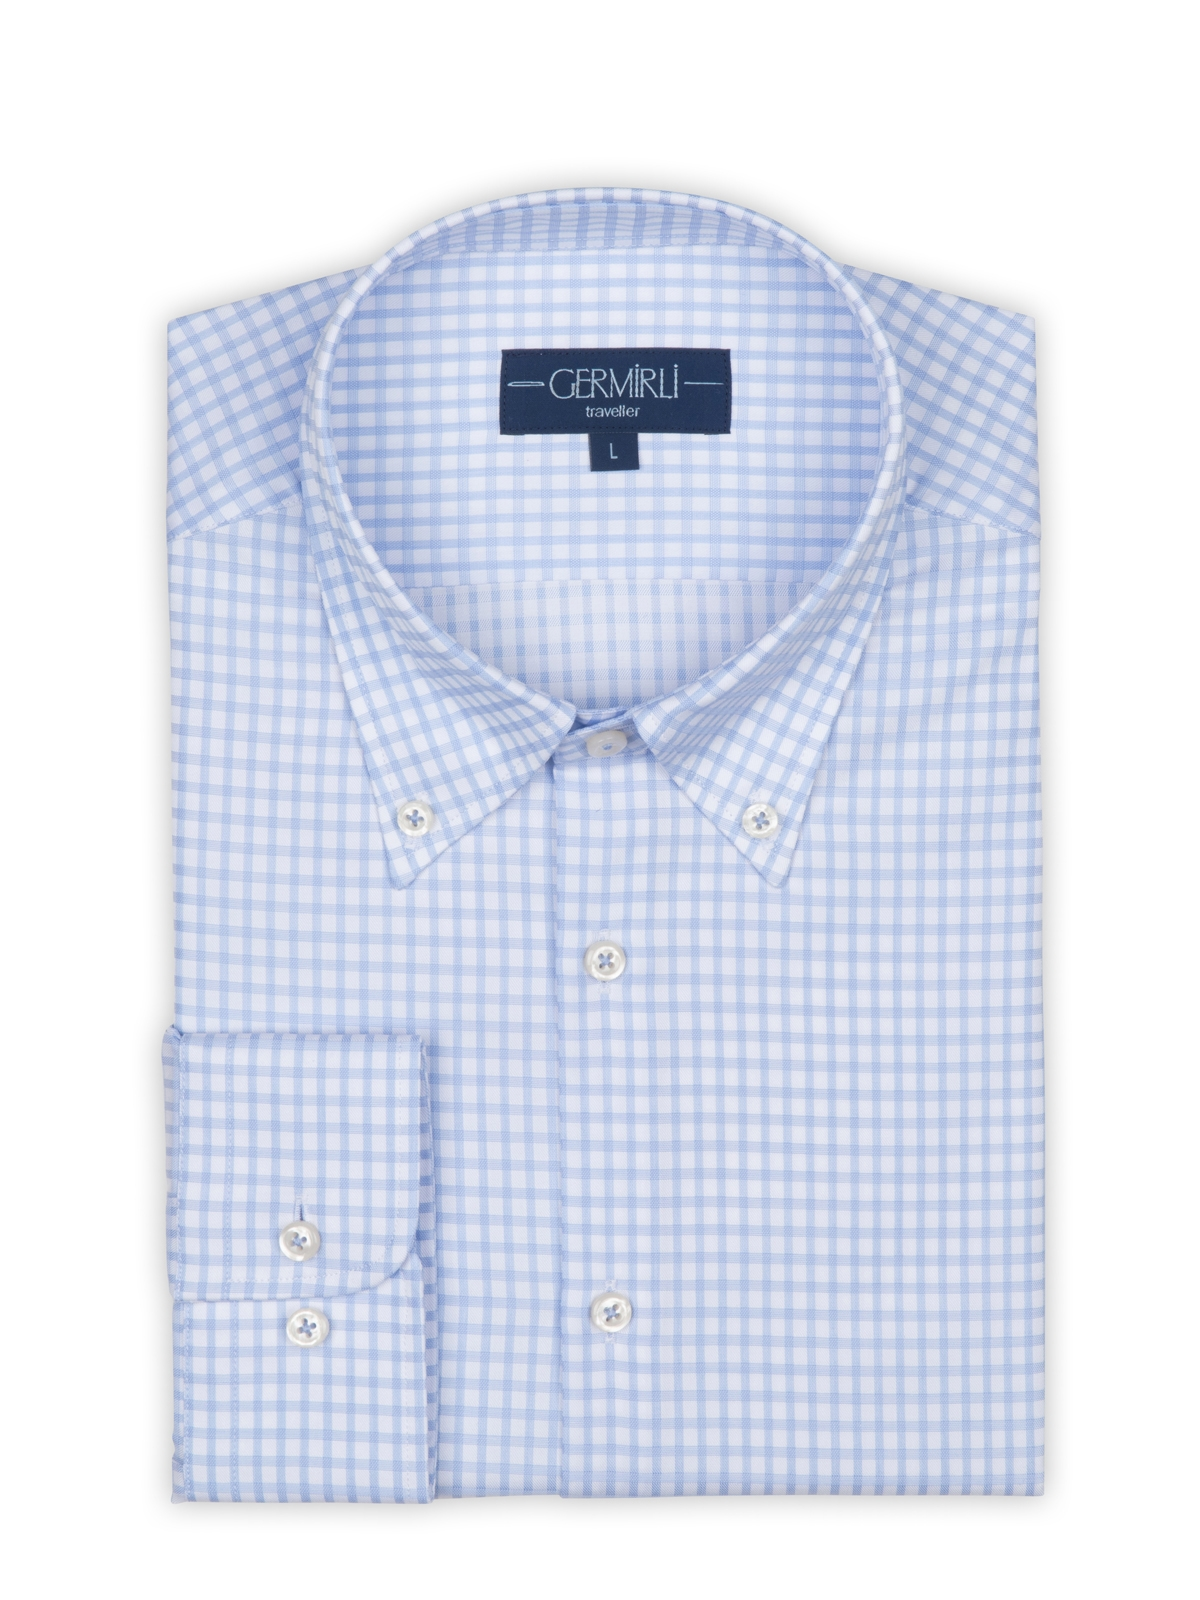 Germirli Non Iron Beyaz Mavi Kareli Düğmeli Yaka Tailor Fit Journey Gömlek